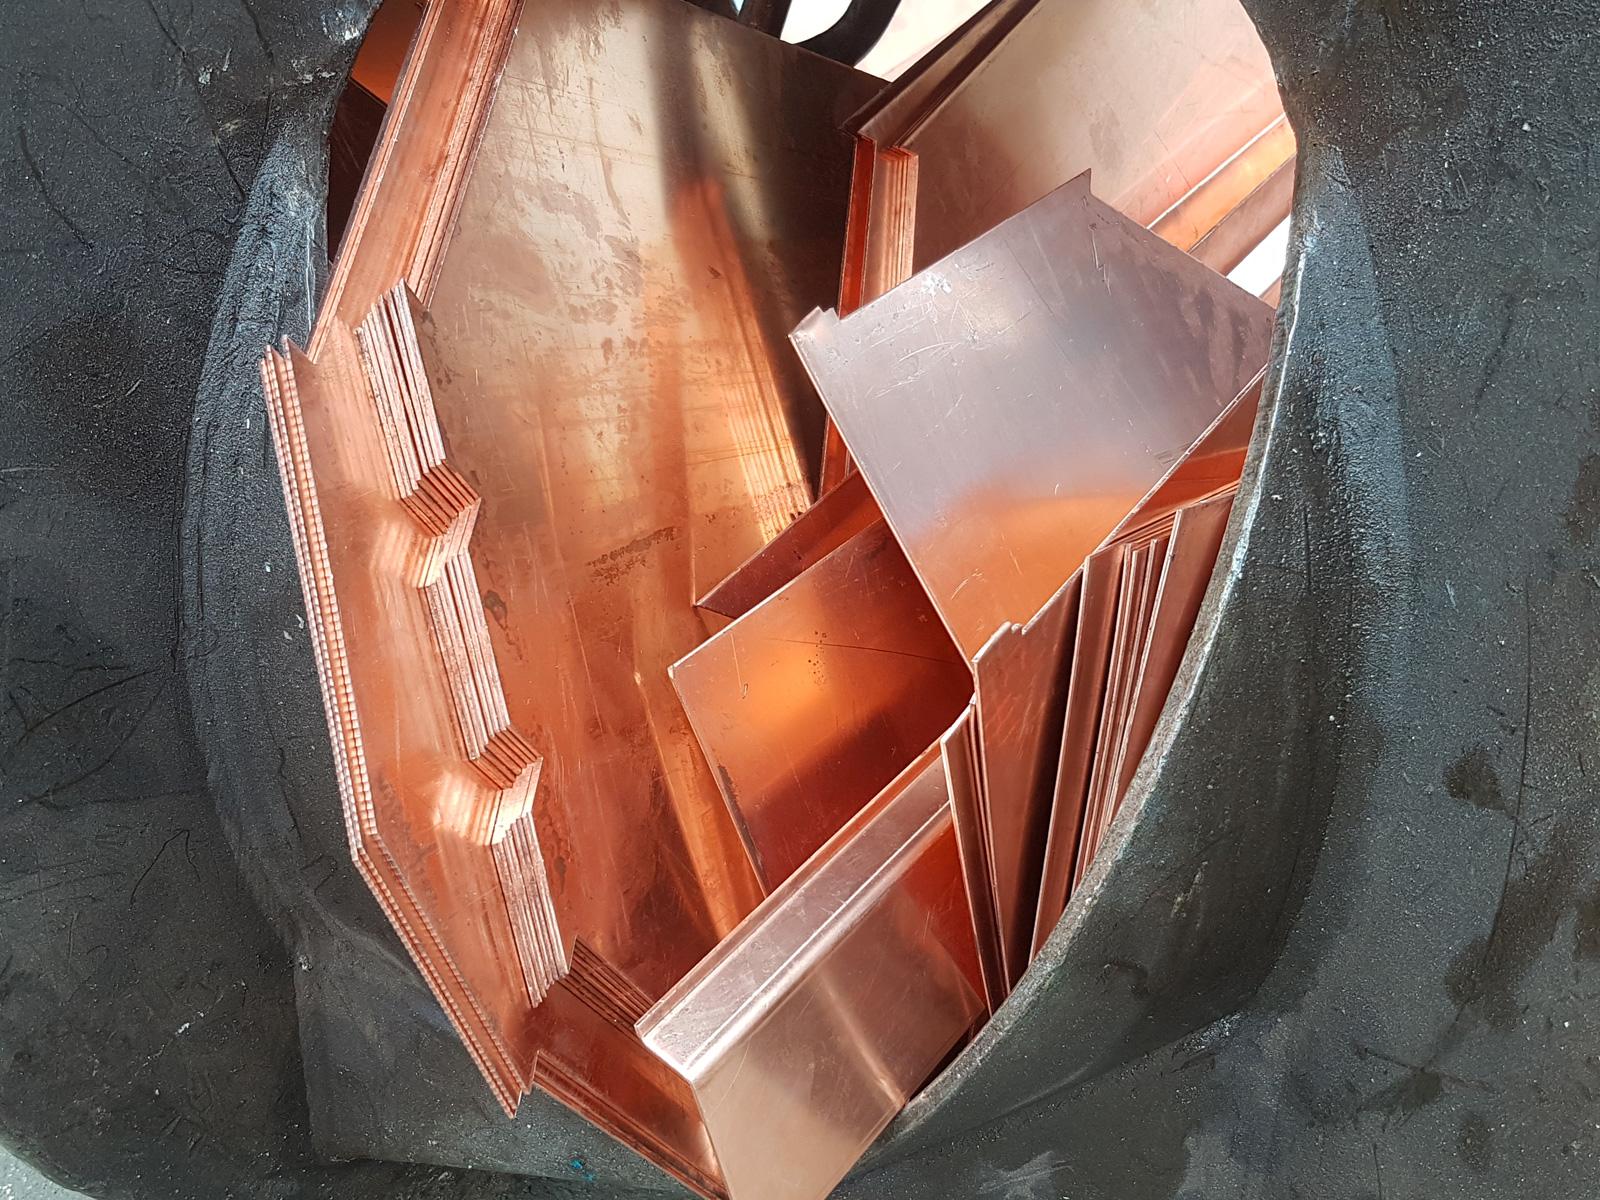 echokal. ritiro e recupero materiale ferroso e non ferroso. rame